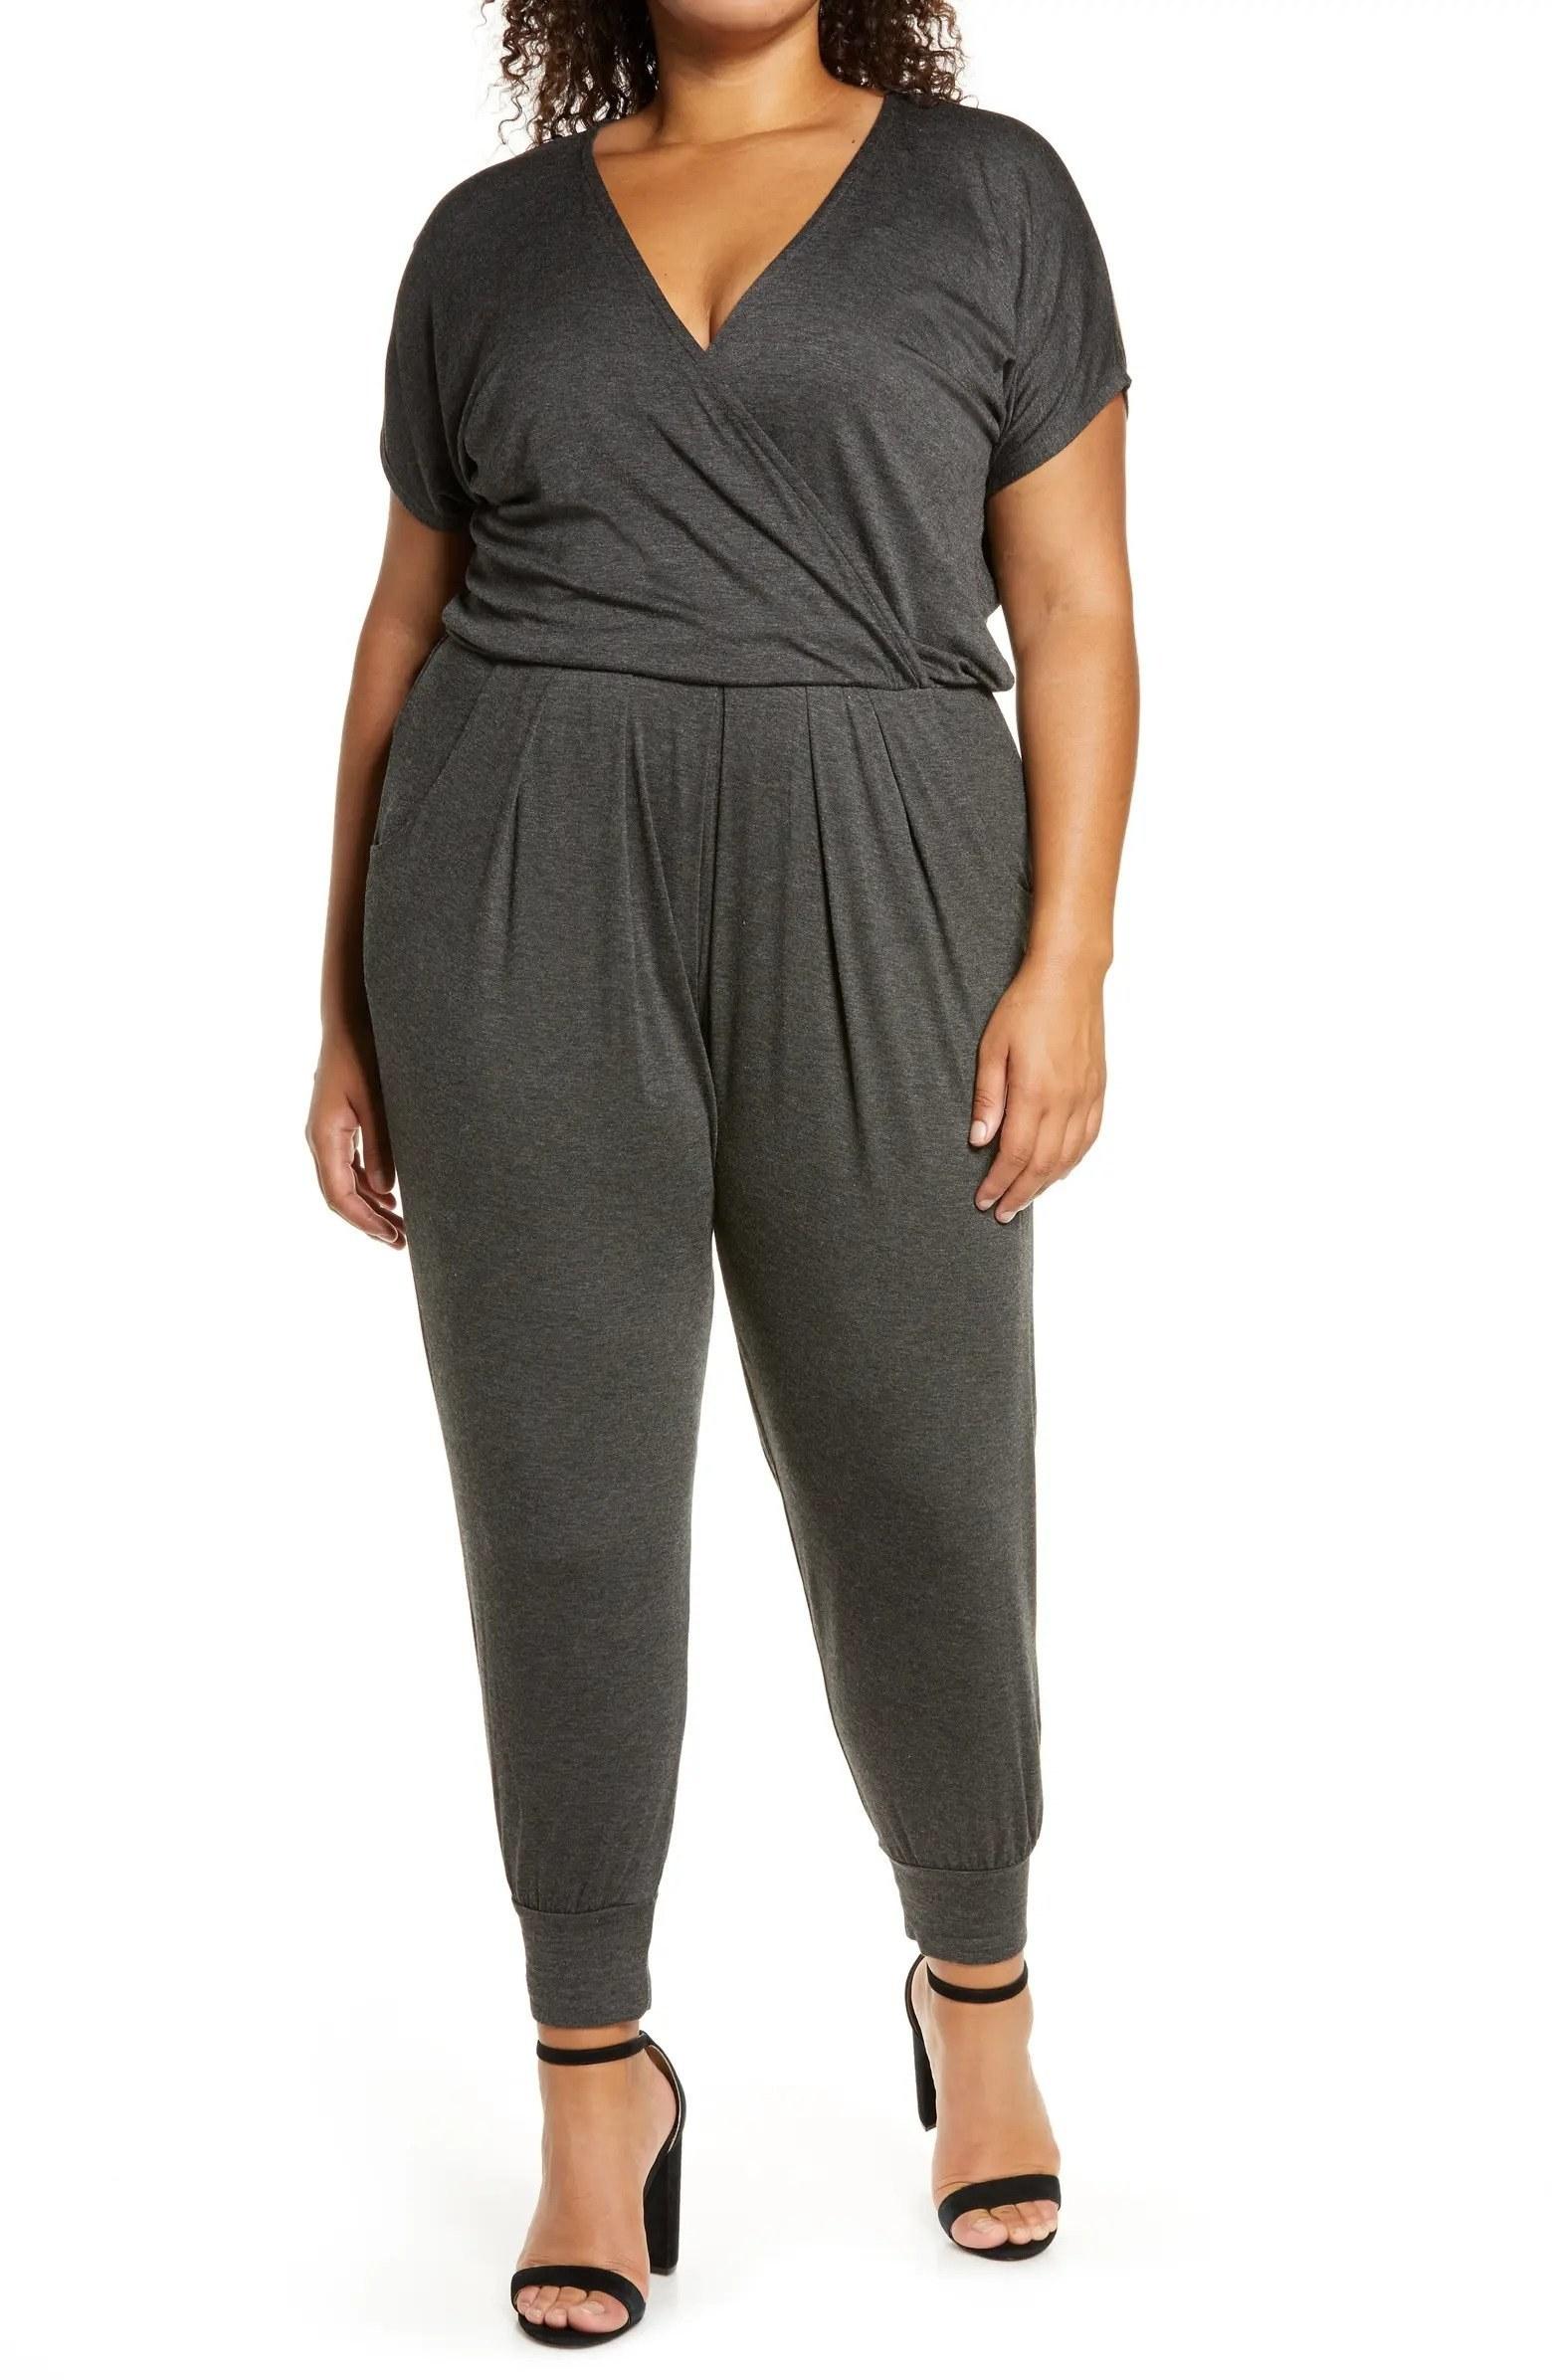 Model wearing gray jumpsuit